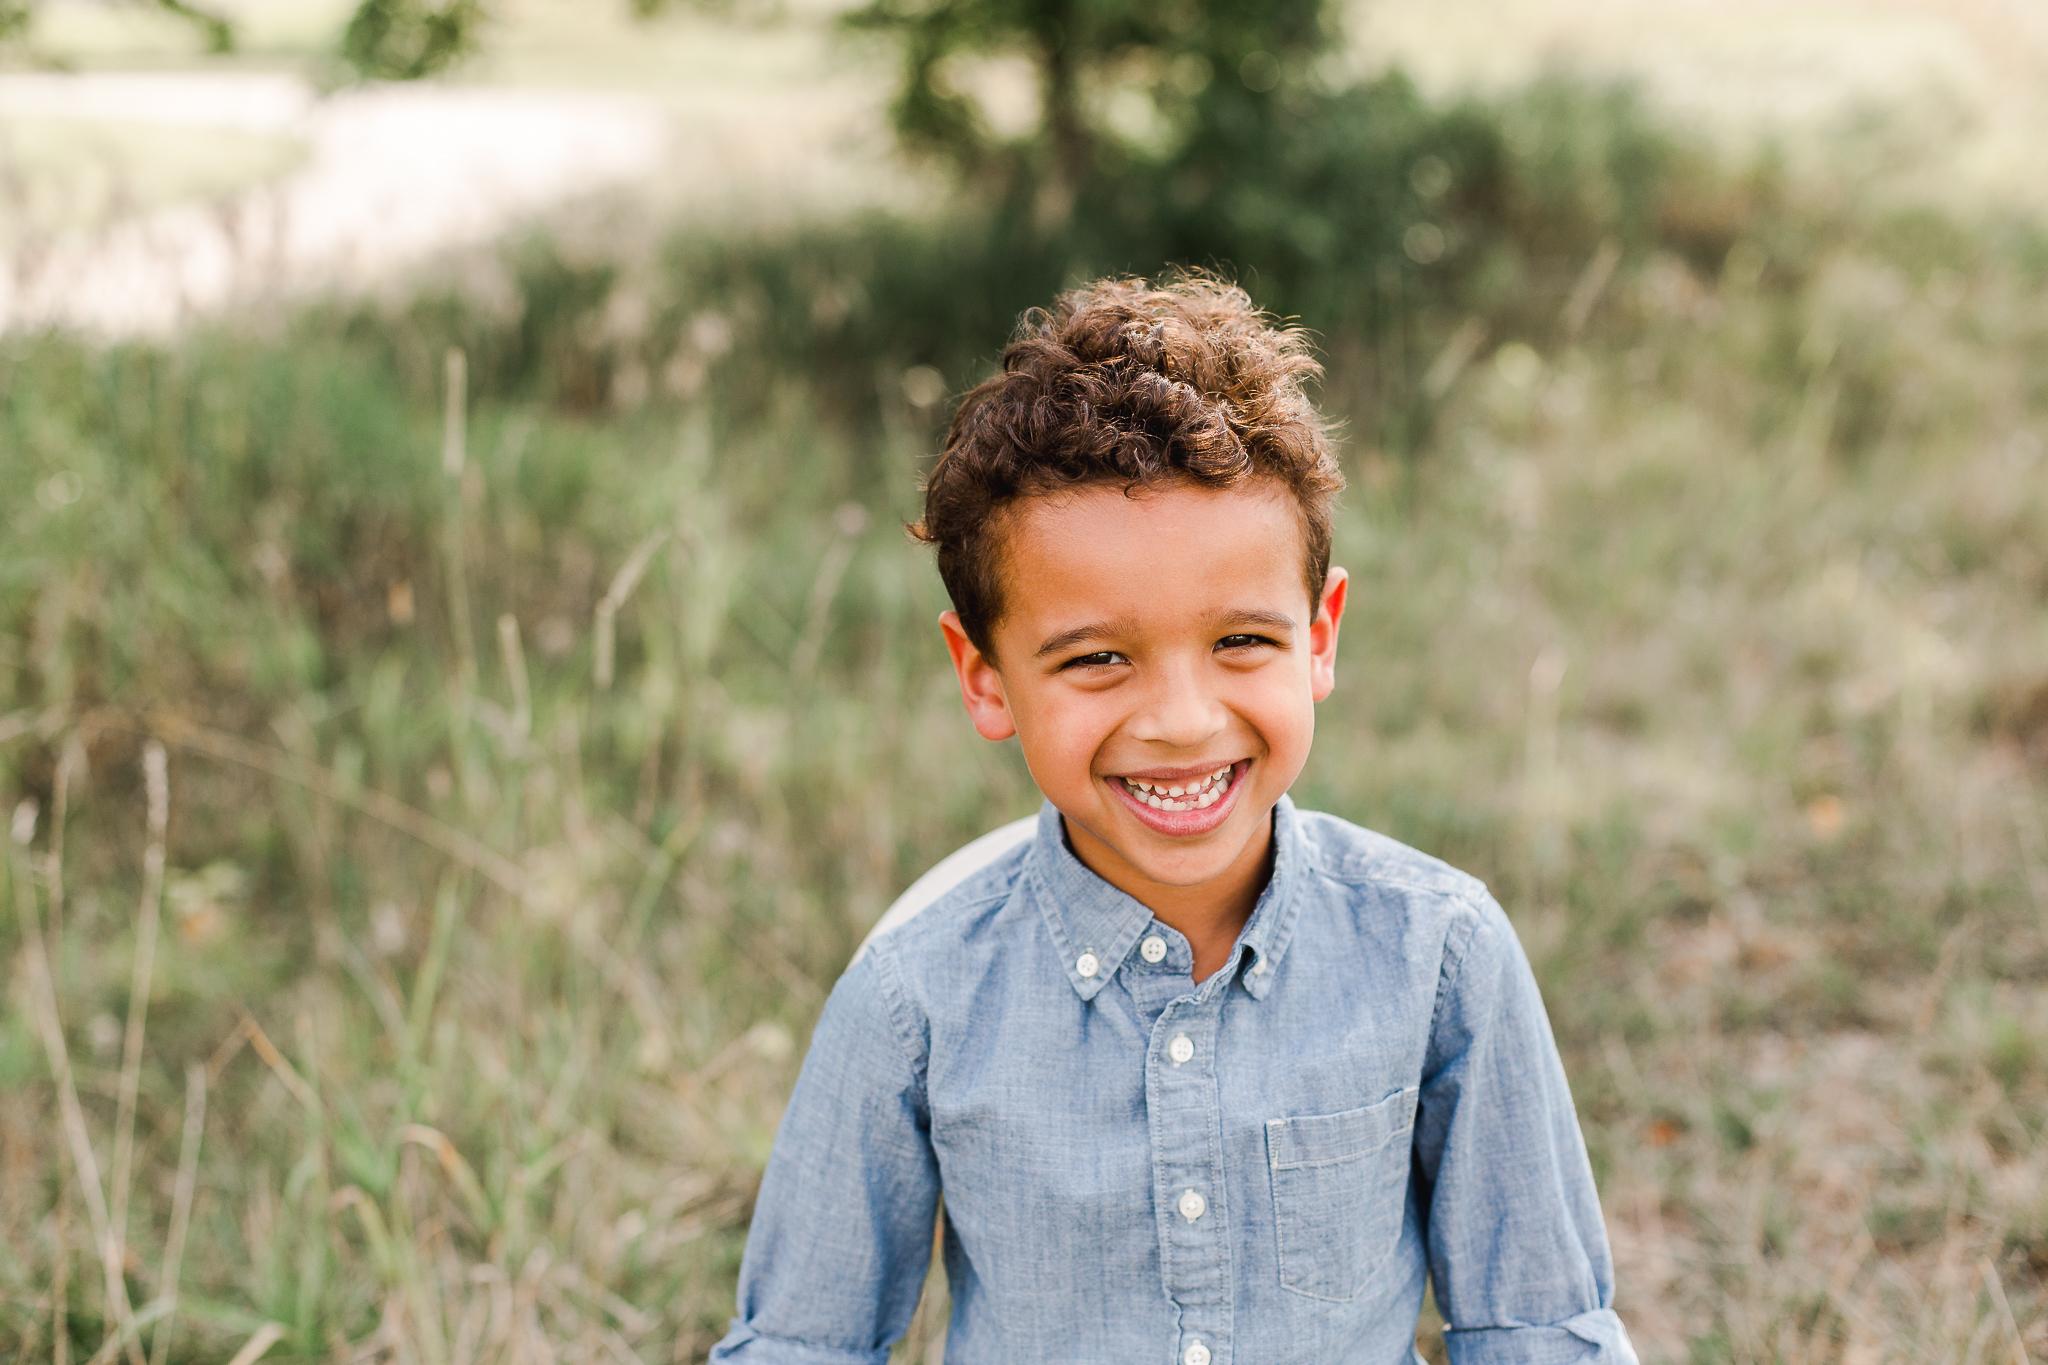 Happy Child Portrait Ohio Child Photographer